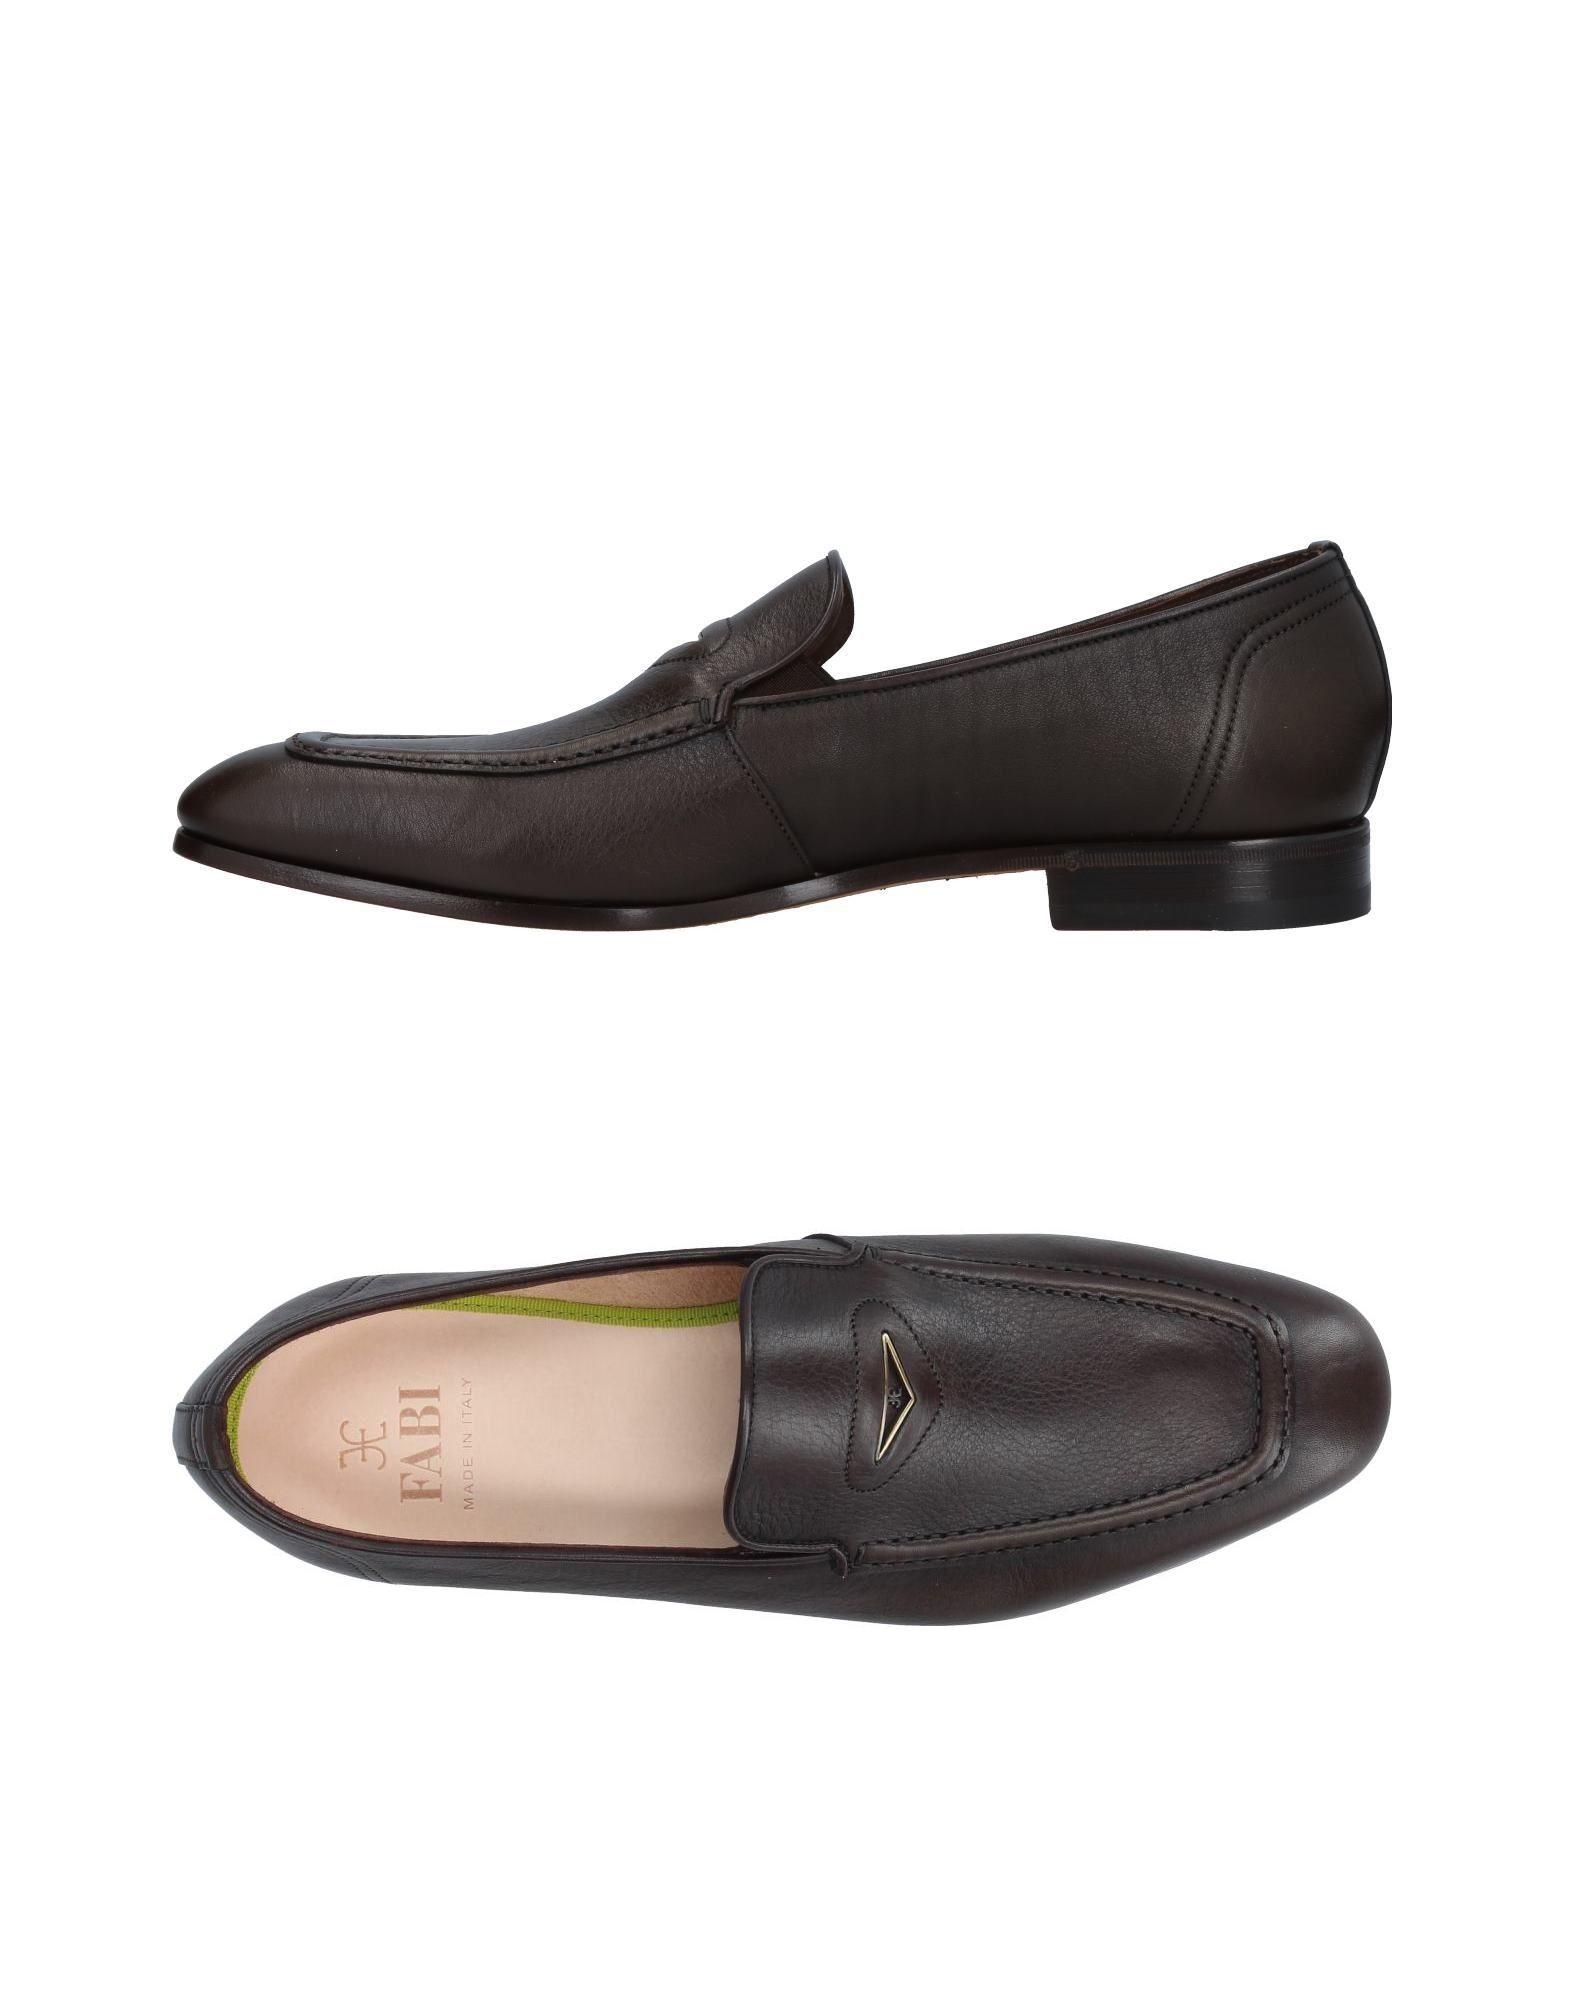 Fabi Mokassins Herren  11415767OU Gute Qualität beliebte Schuhe